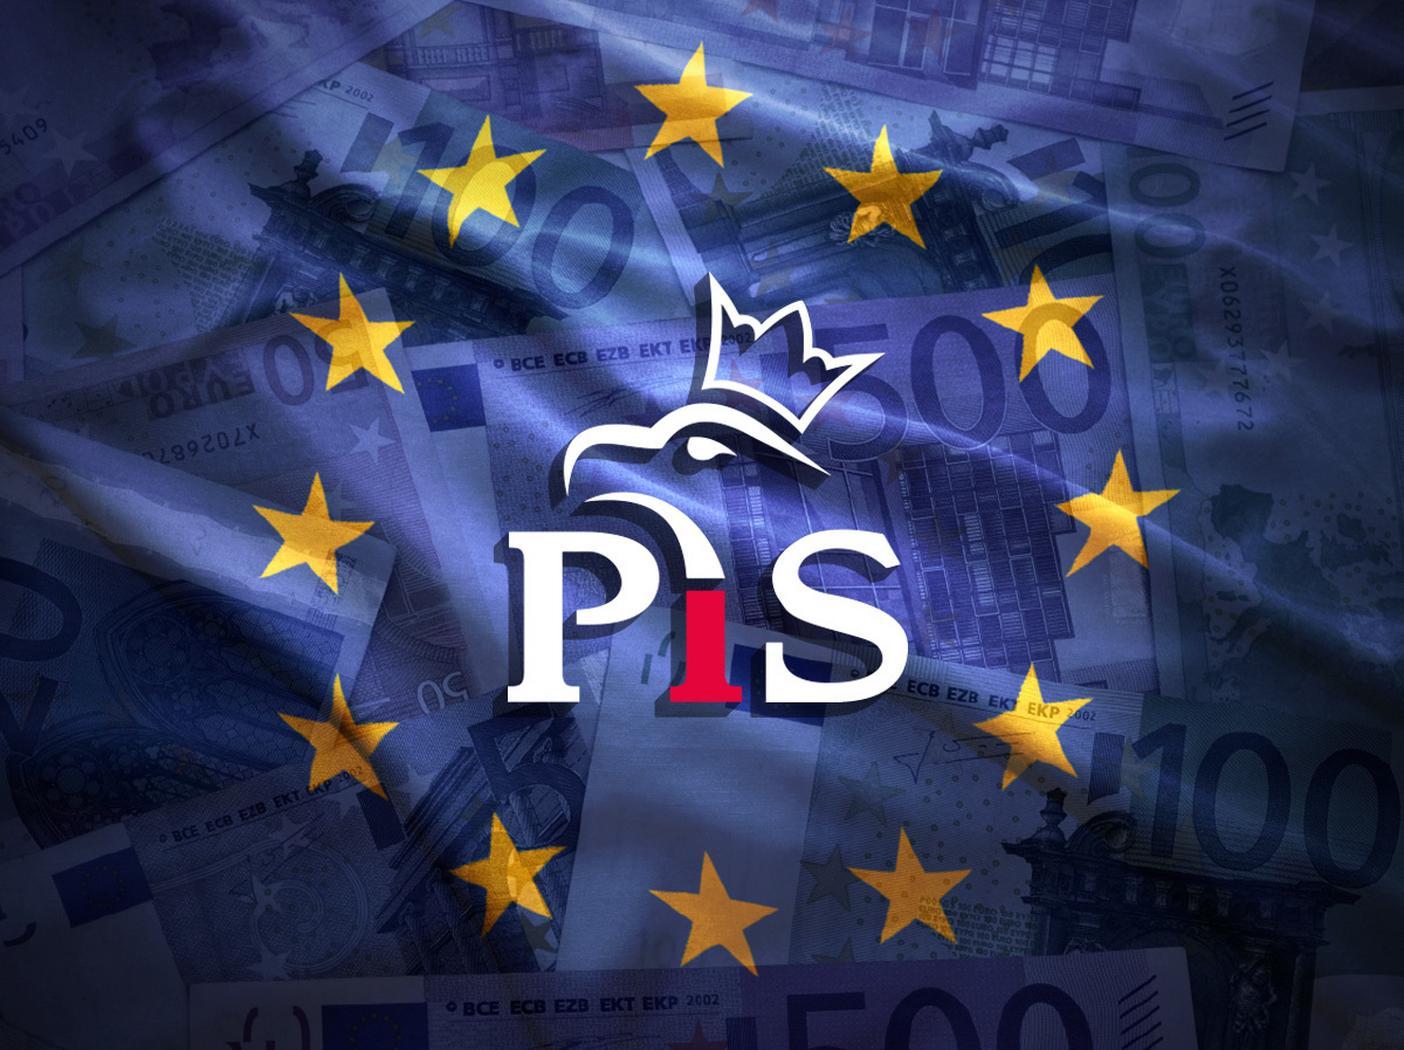 Znalezione obrazy dla zapytania PIS unia europejska